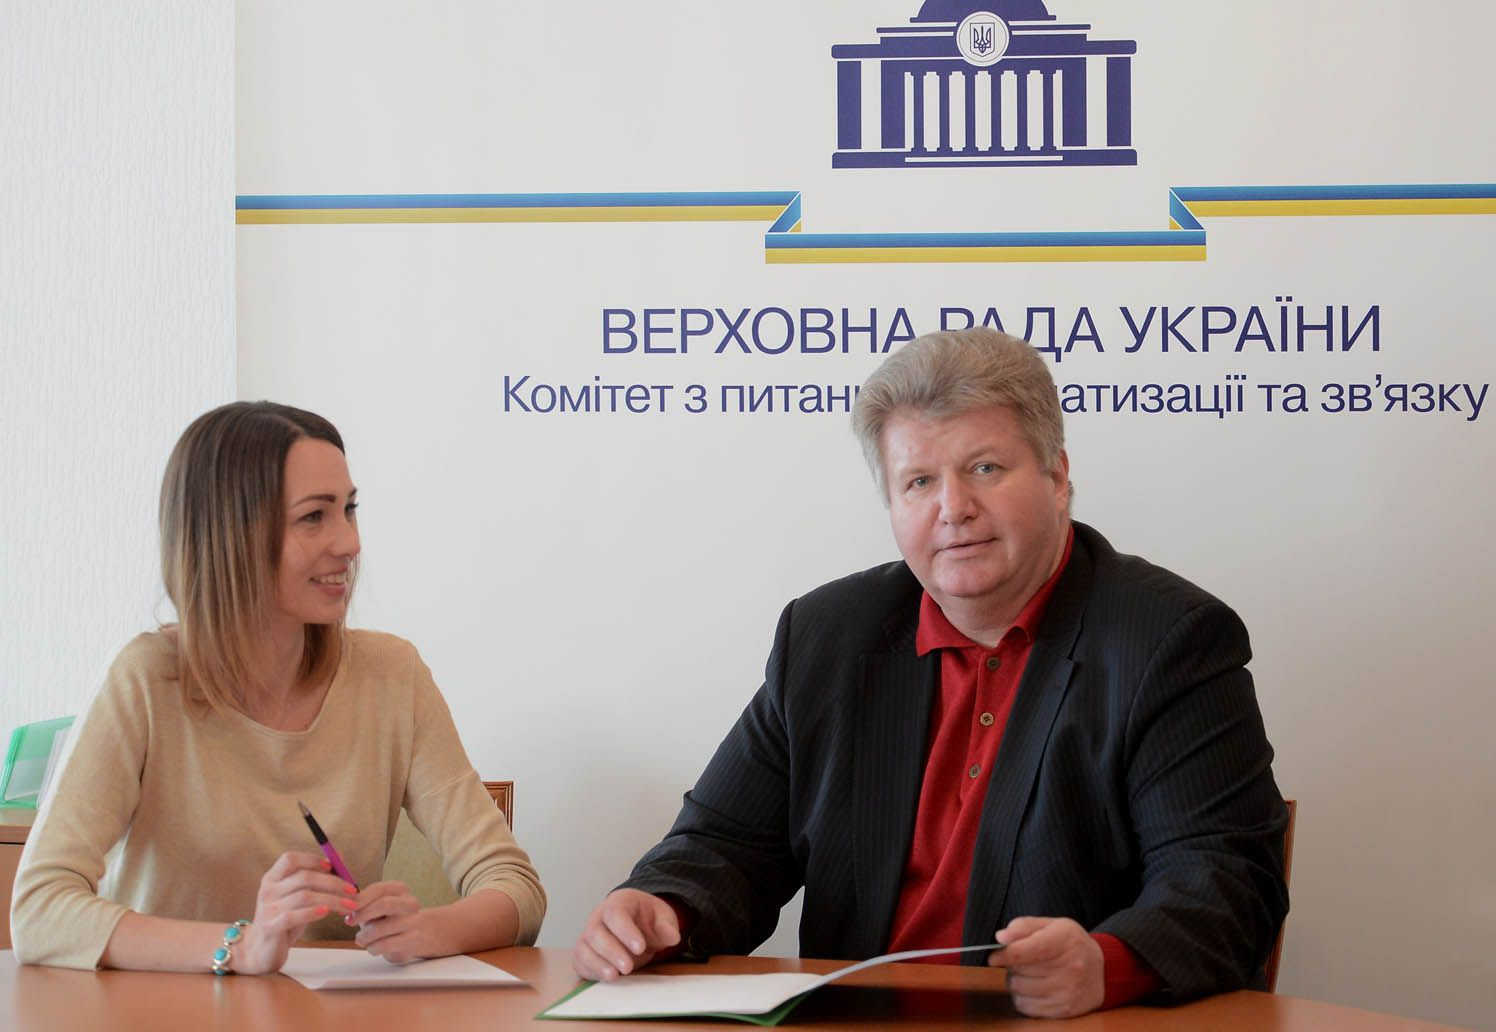 О. Старинець та І. Віннікова під час роботи Комітету з питань інформатизації